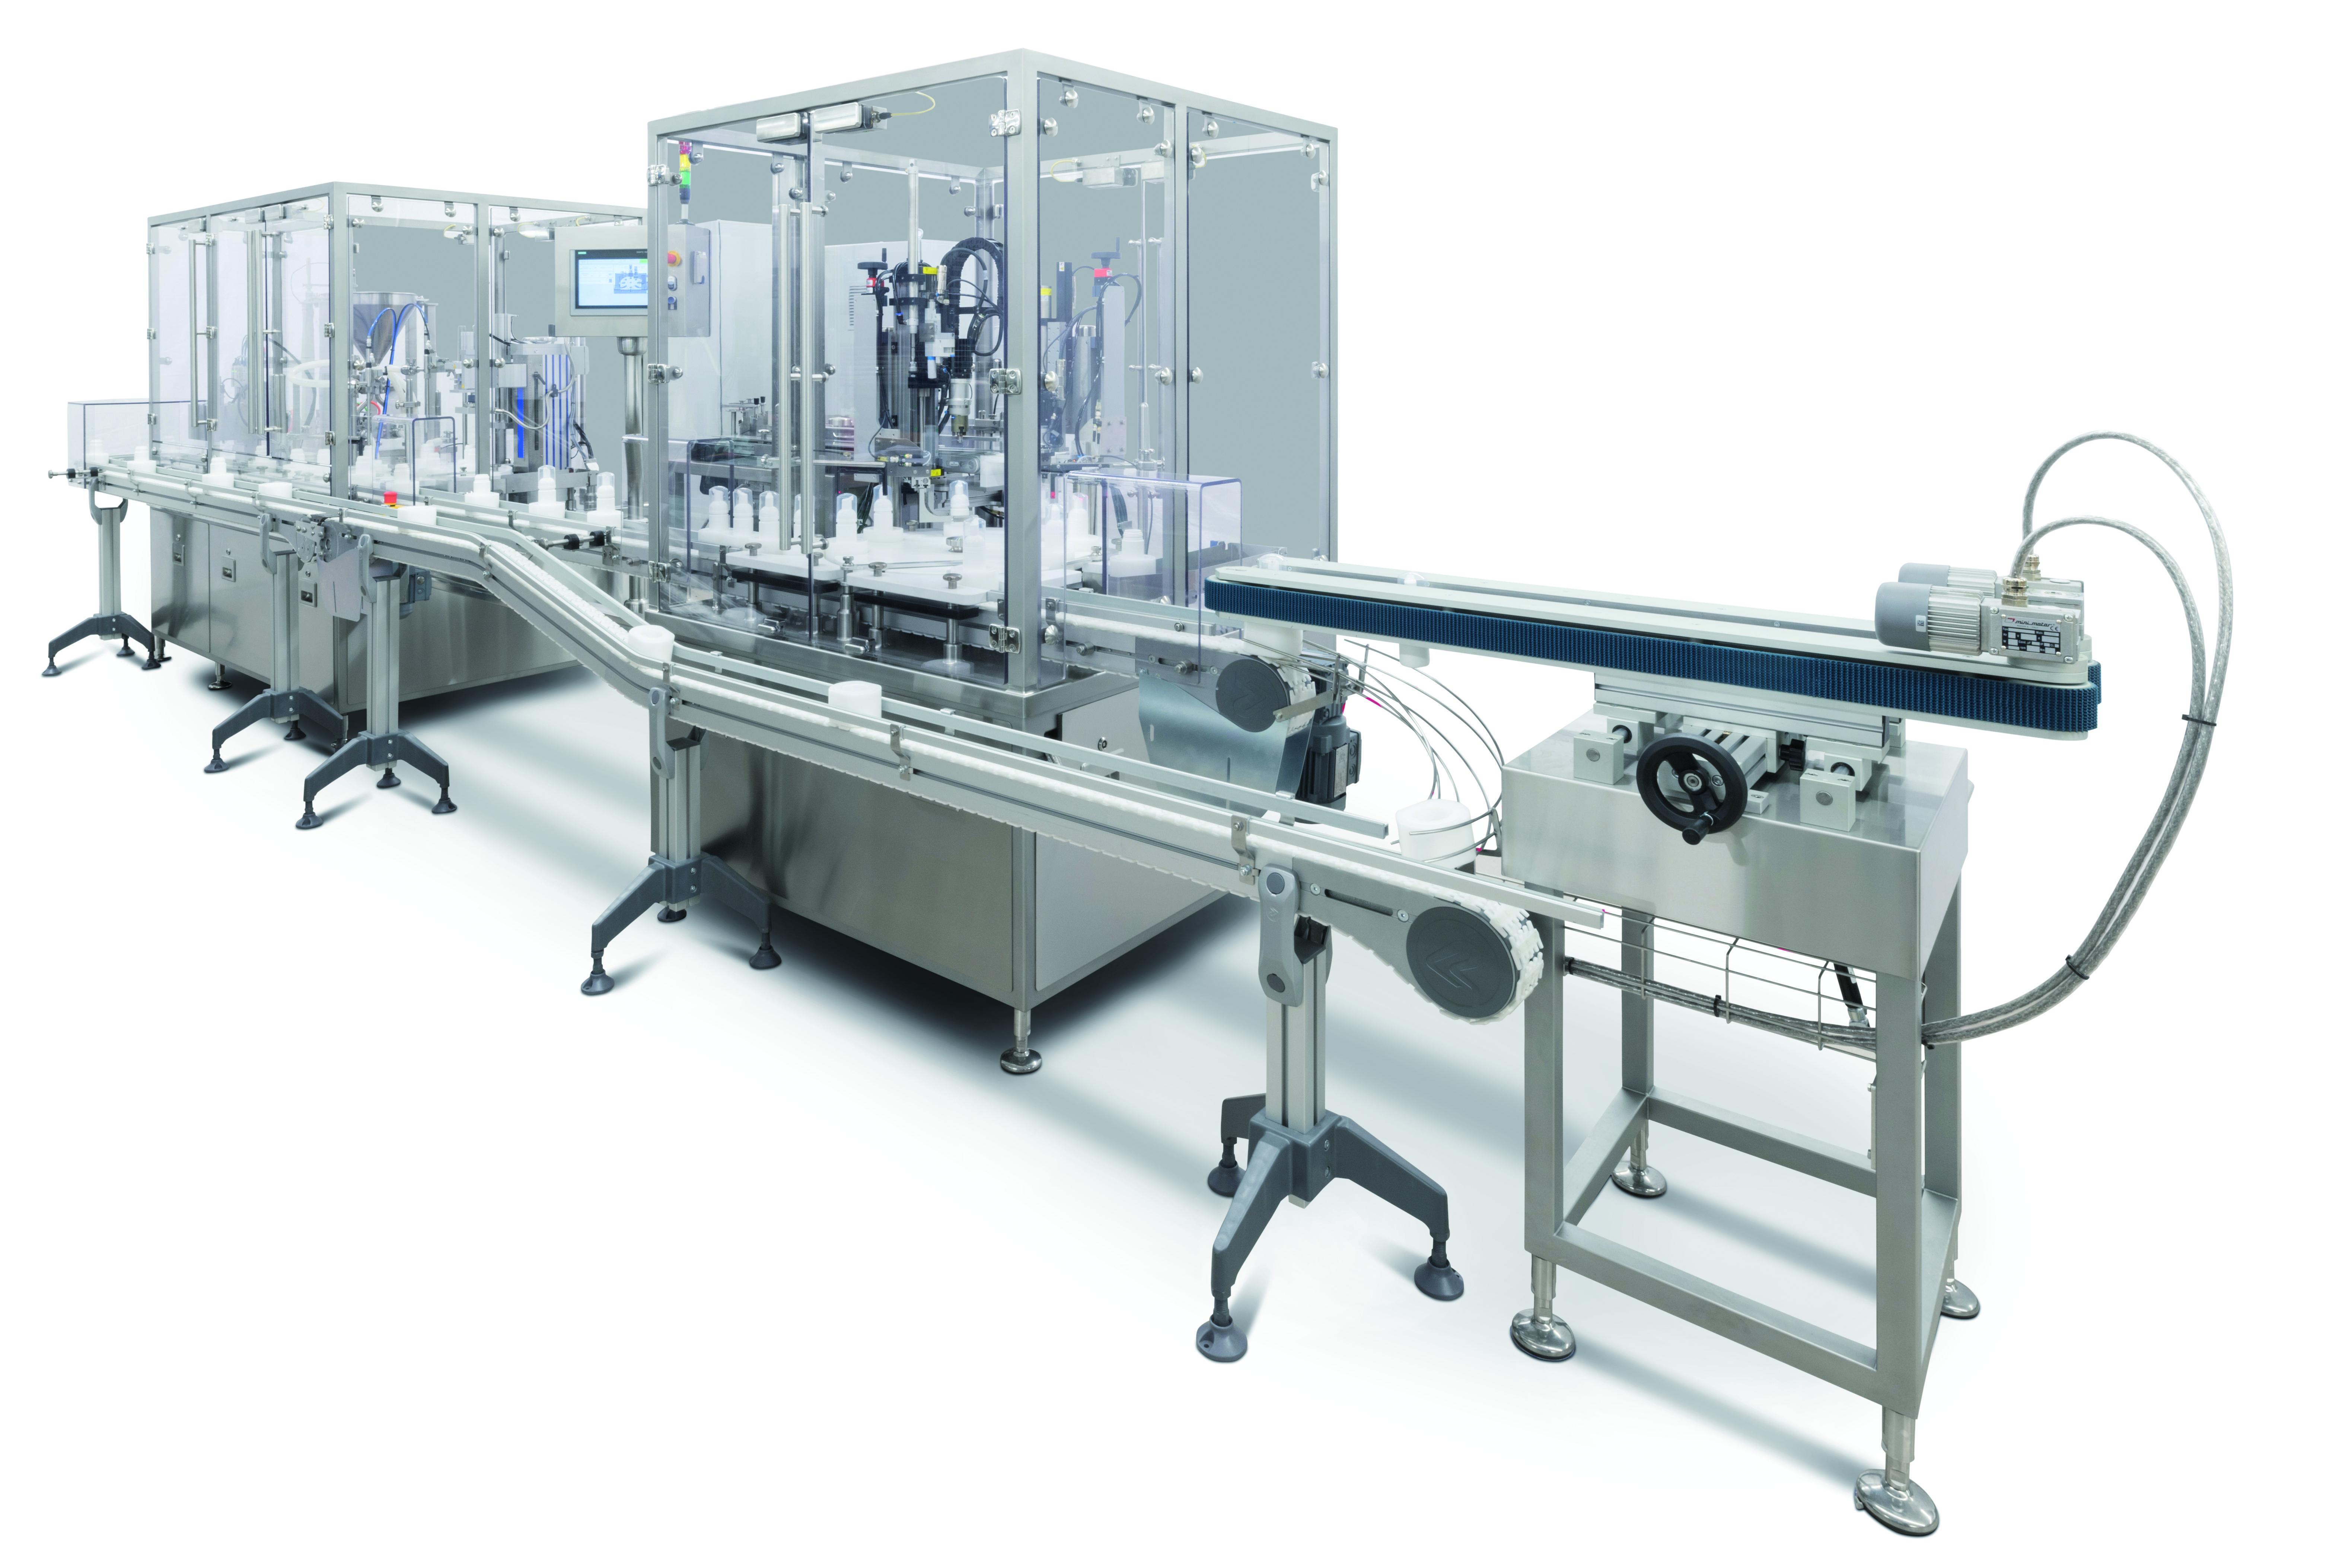 Afag Handlingsysteme deckeln 2.000 Behälter pro Stunde